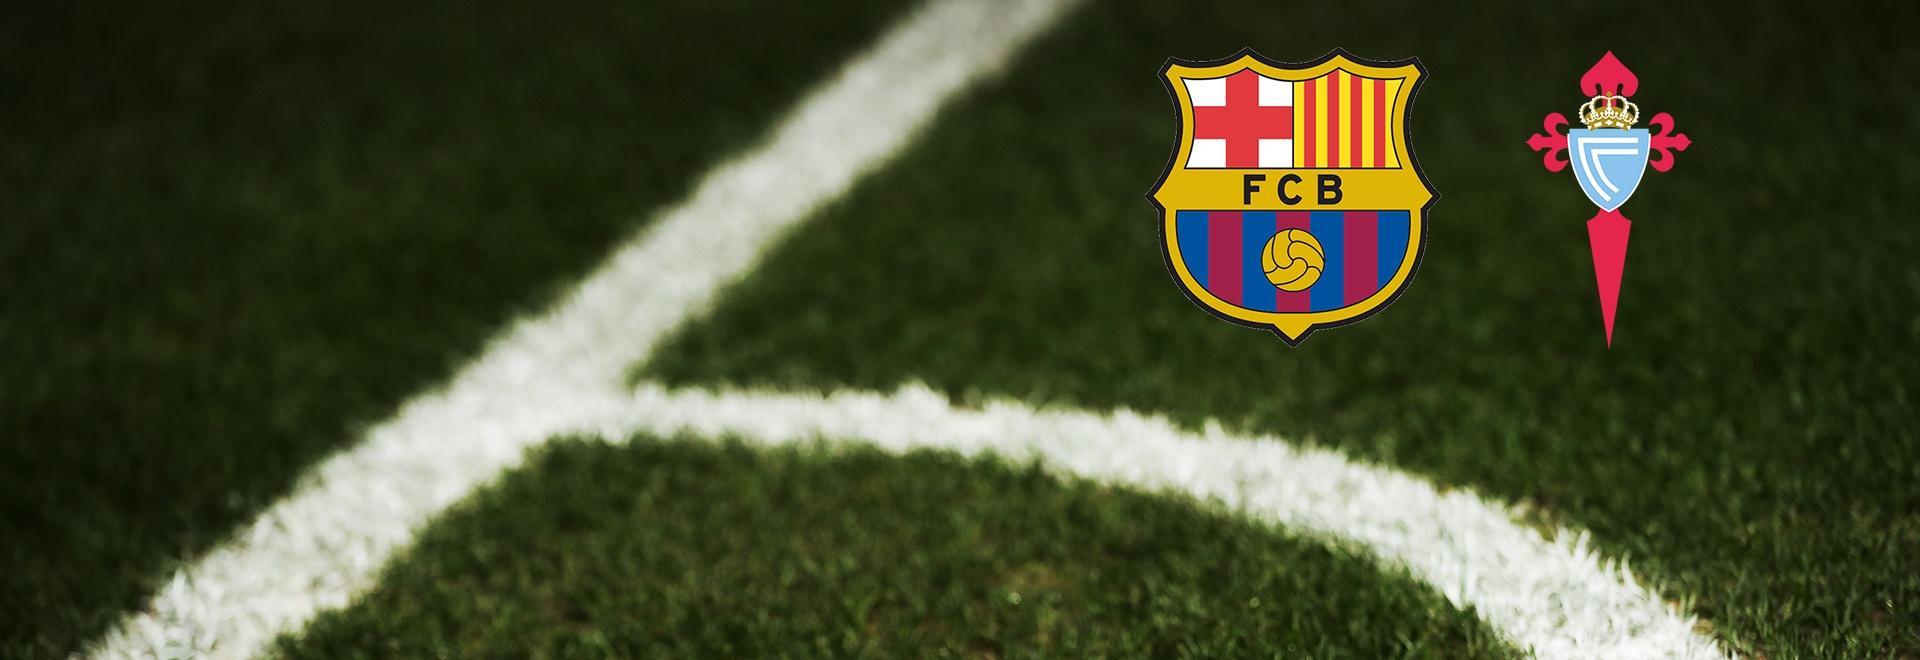 Barcellona - Celta Vigo. 13a g.